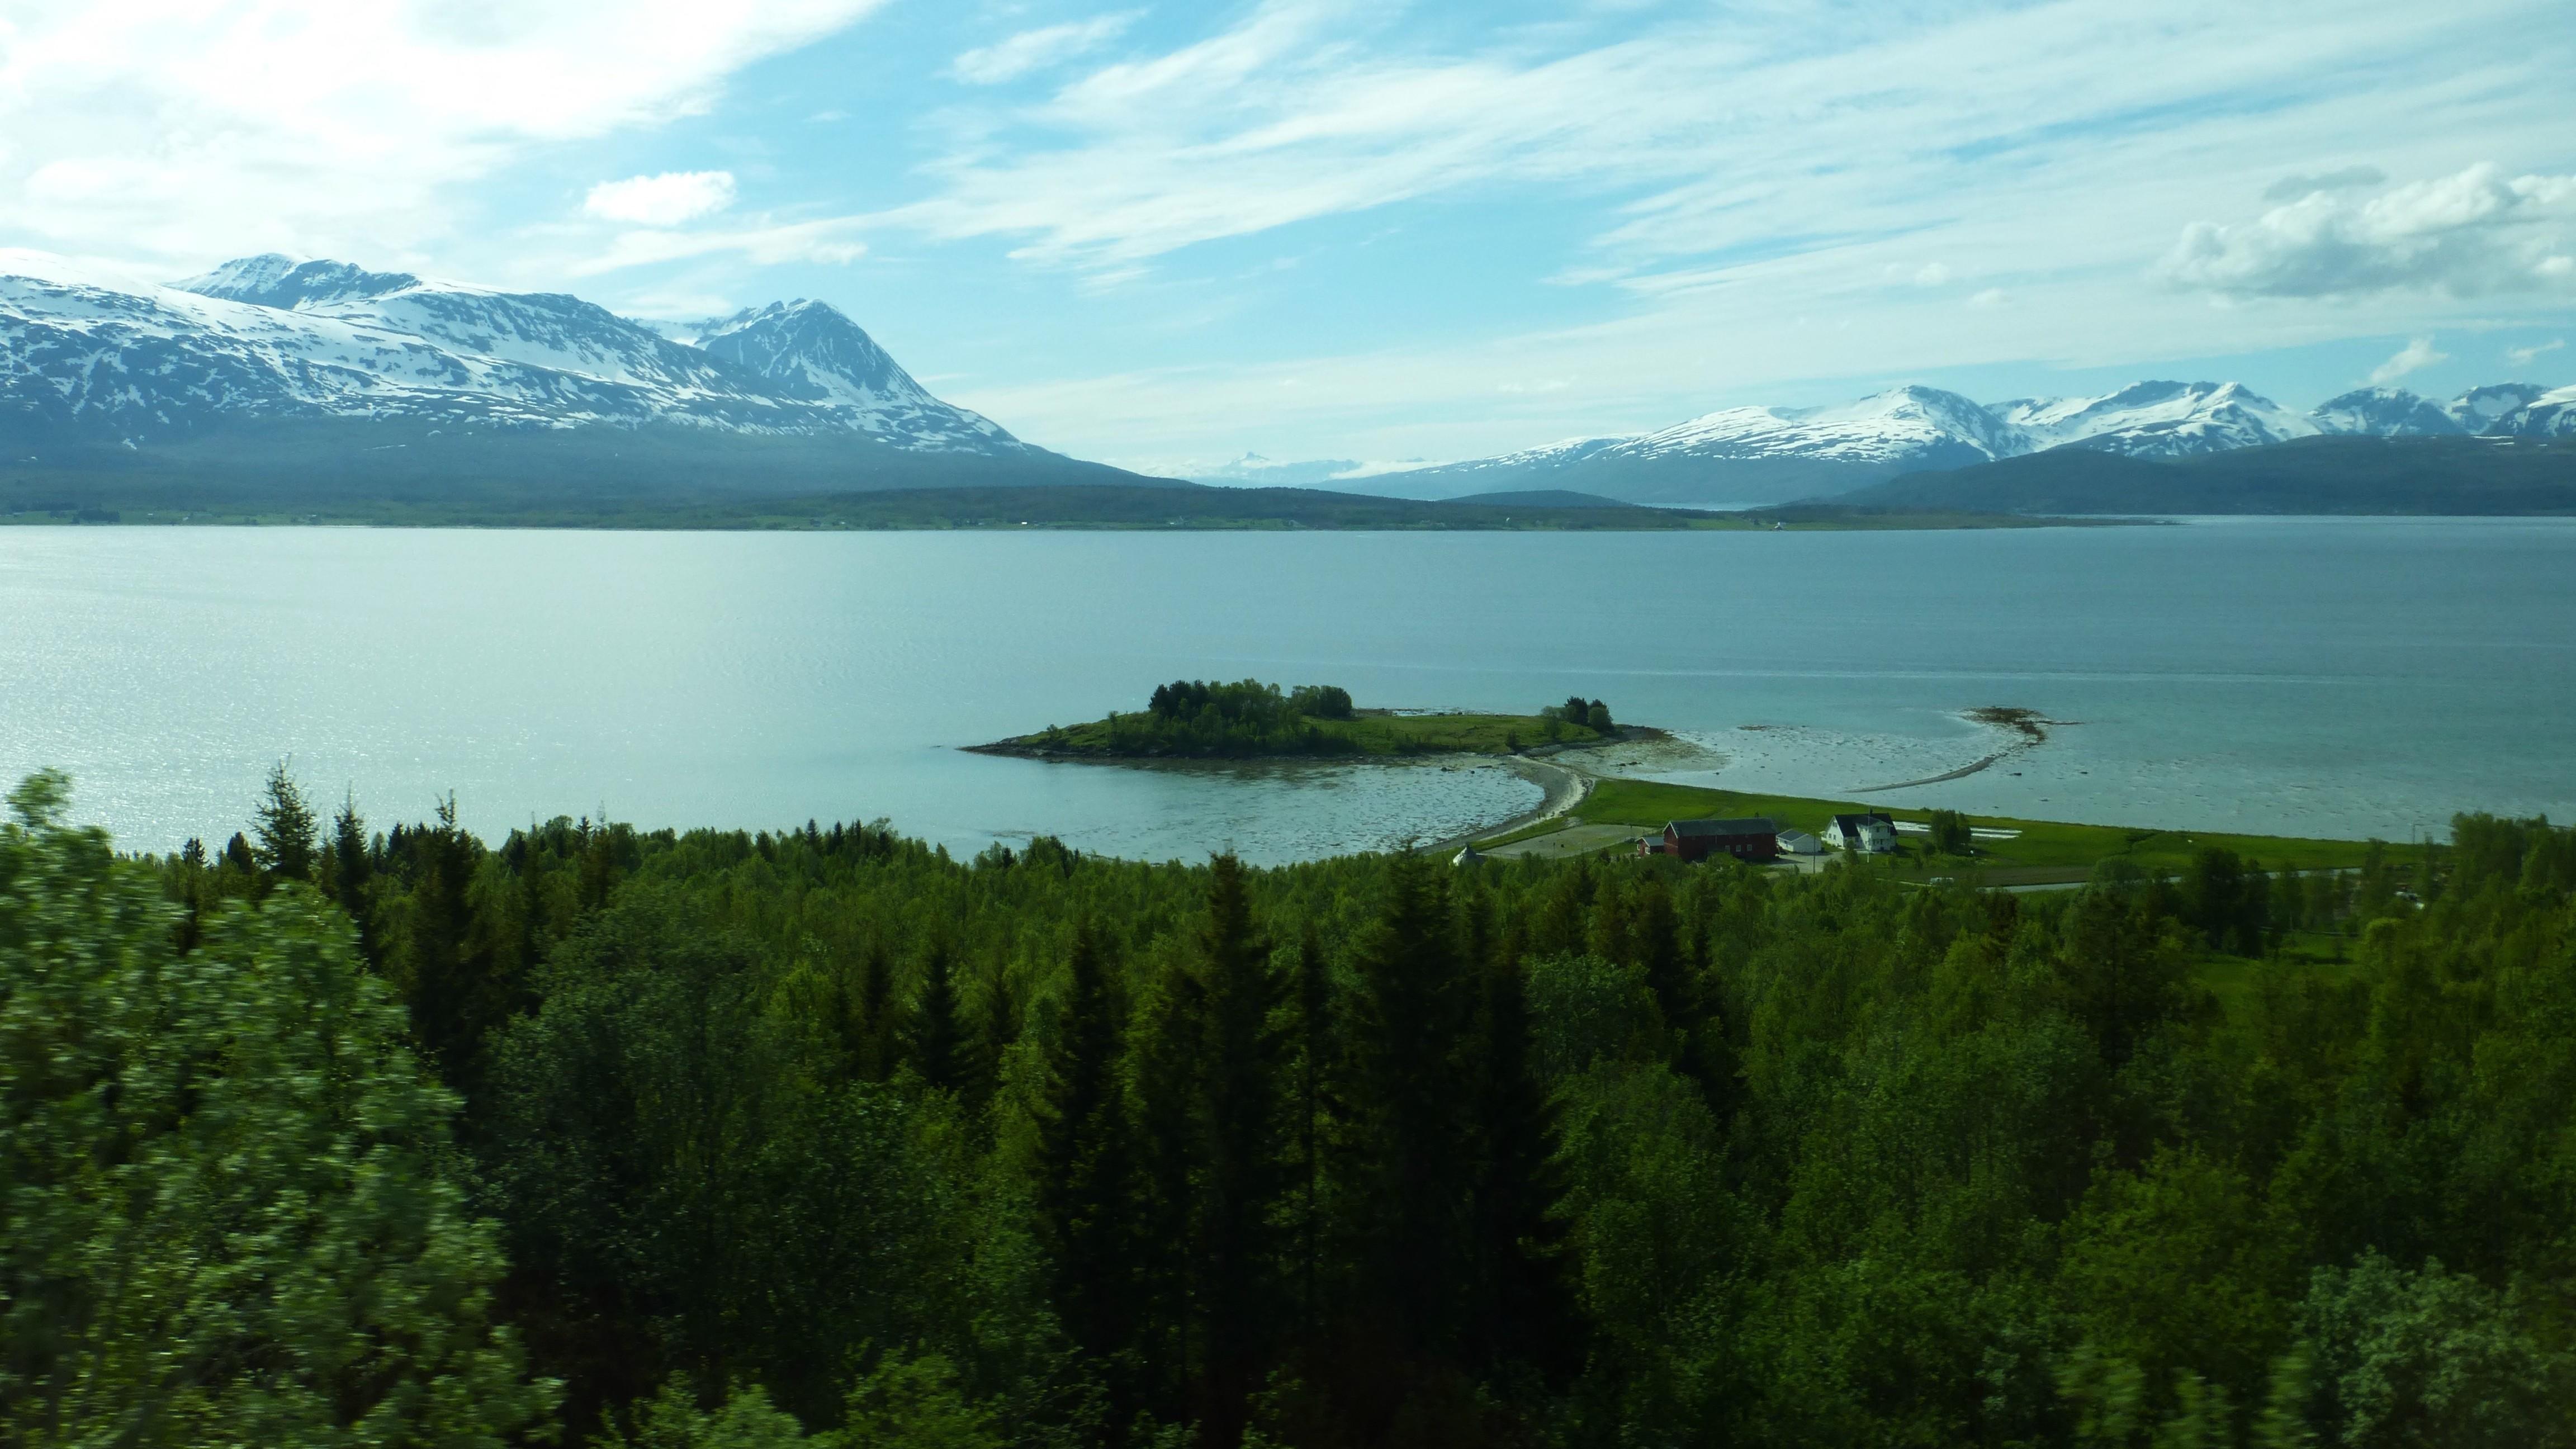 2015-06-22 (36) sur la route de Tromso